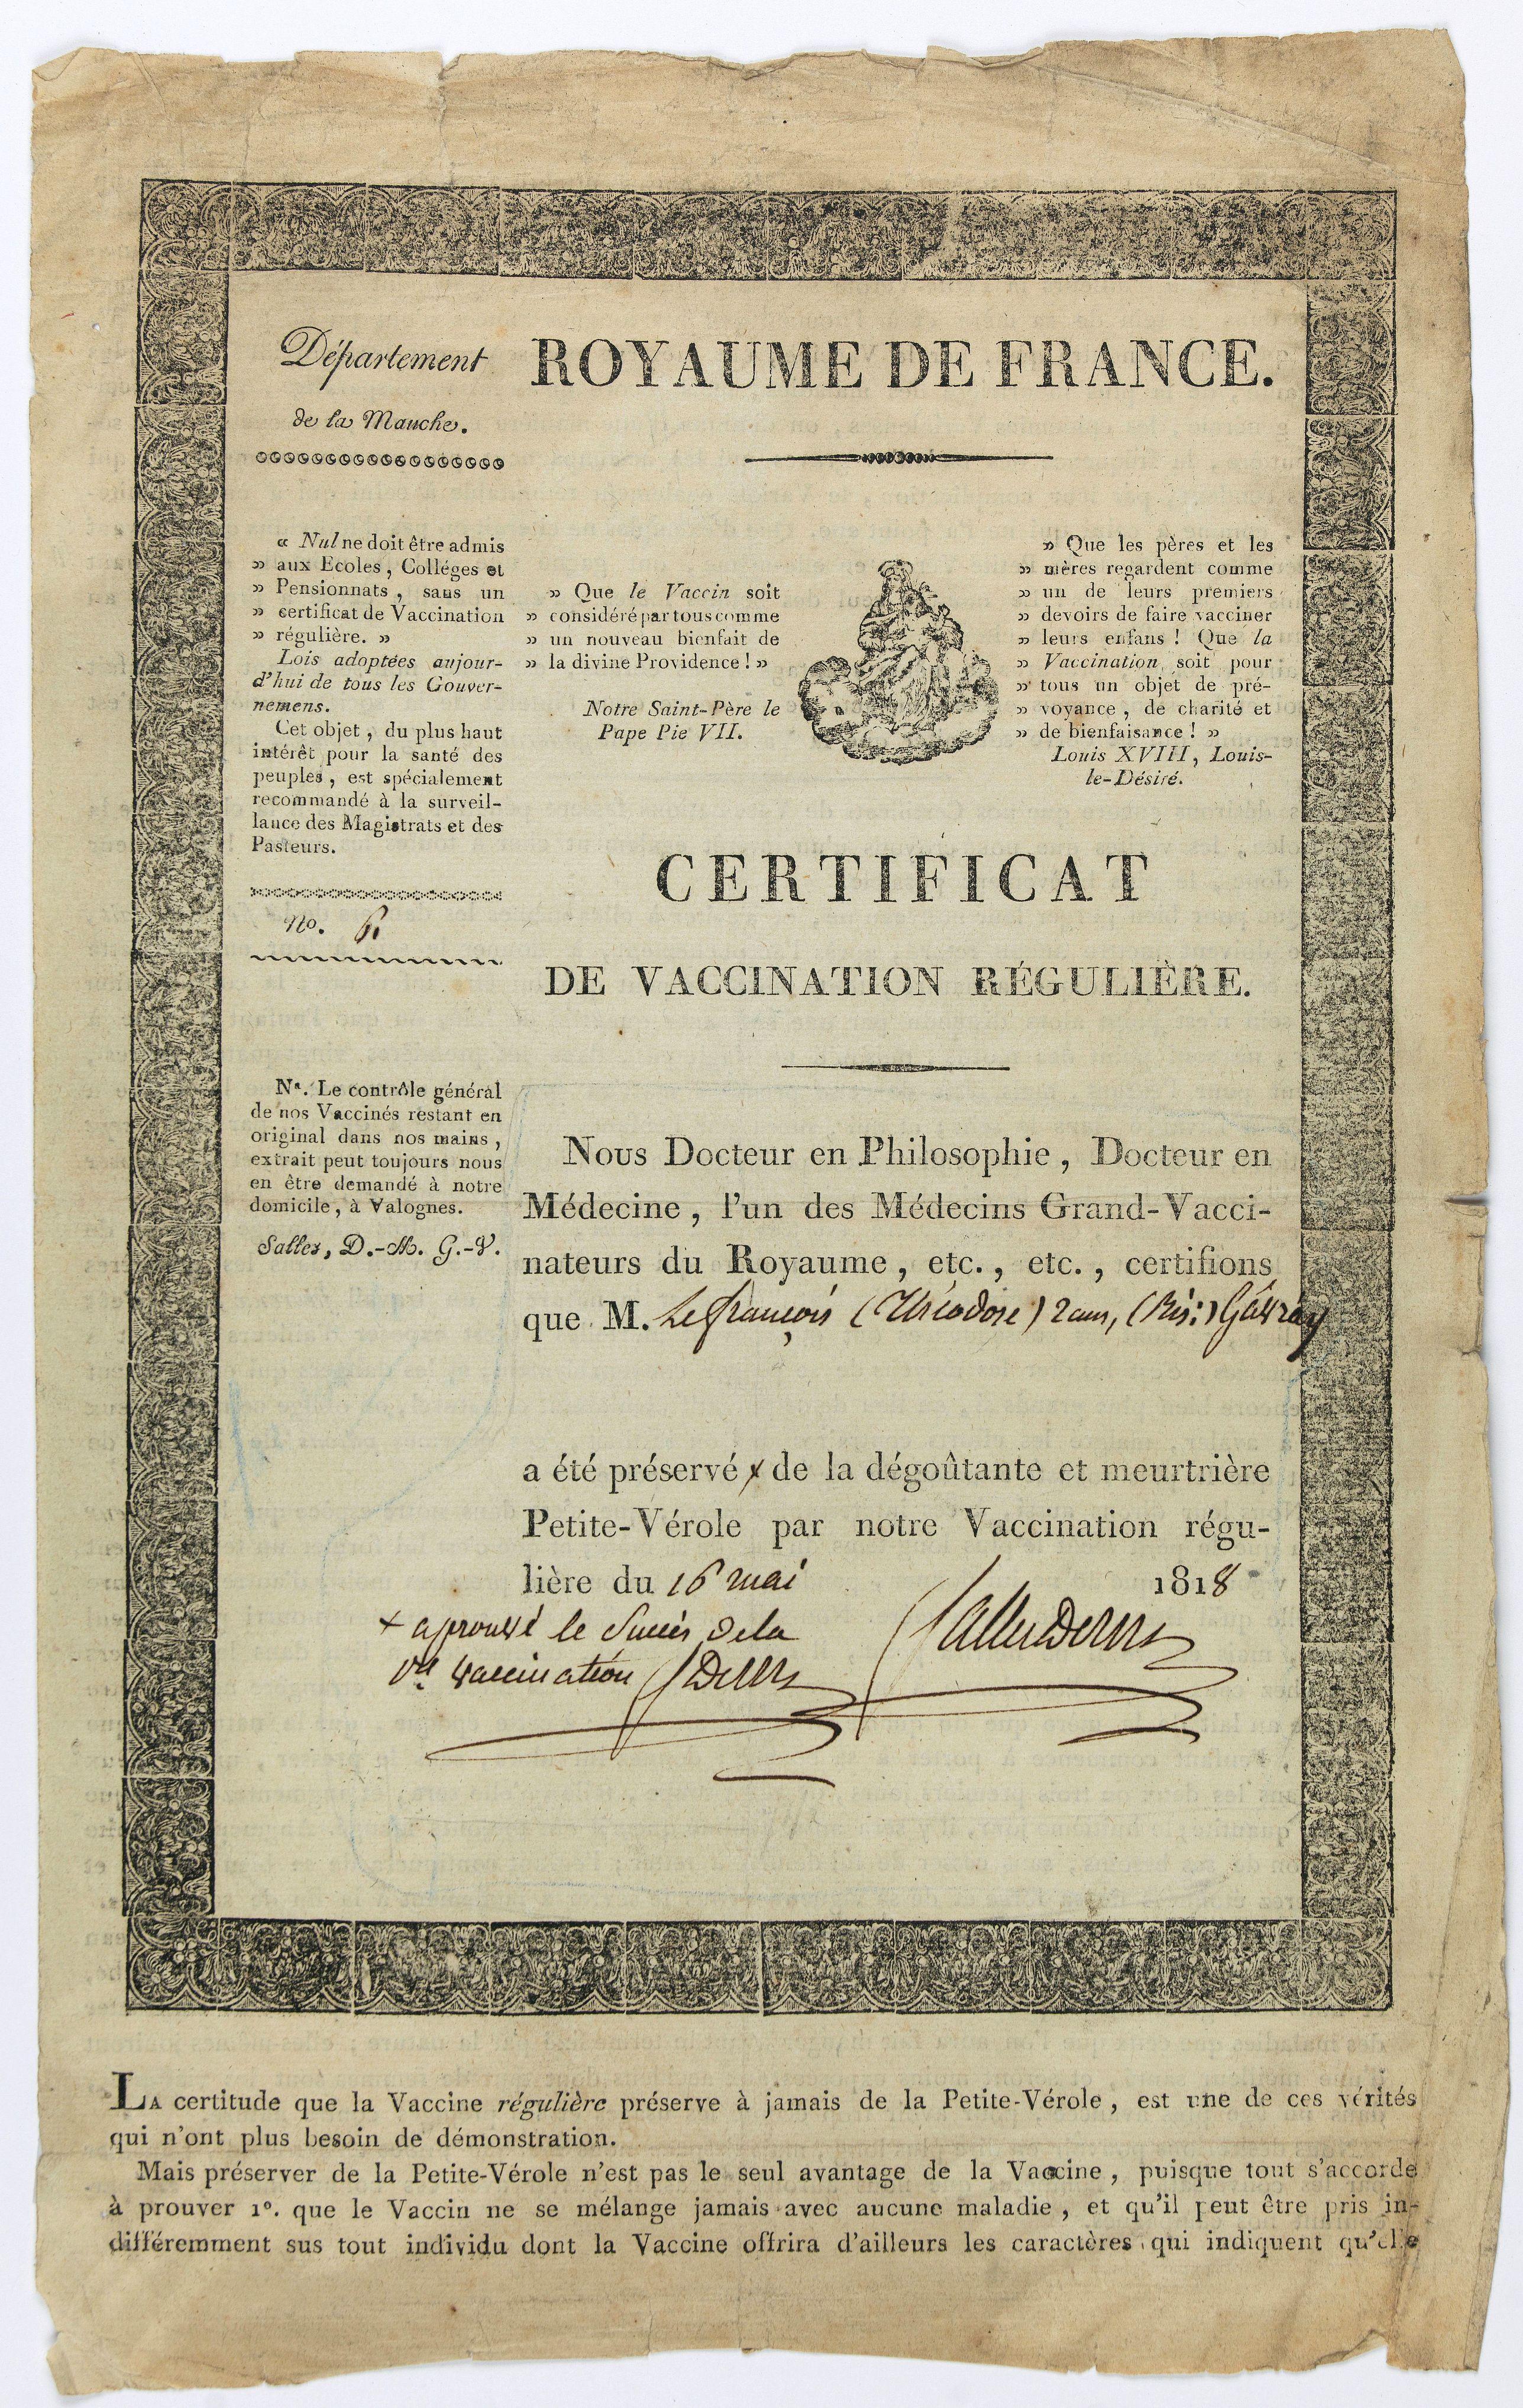 Royaume de France. -  Certificat de vaccination régulière, N°61 (Certificate of regular vaccination).